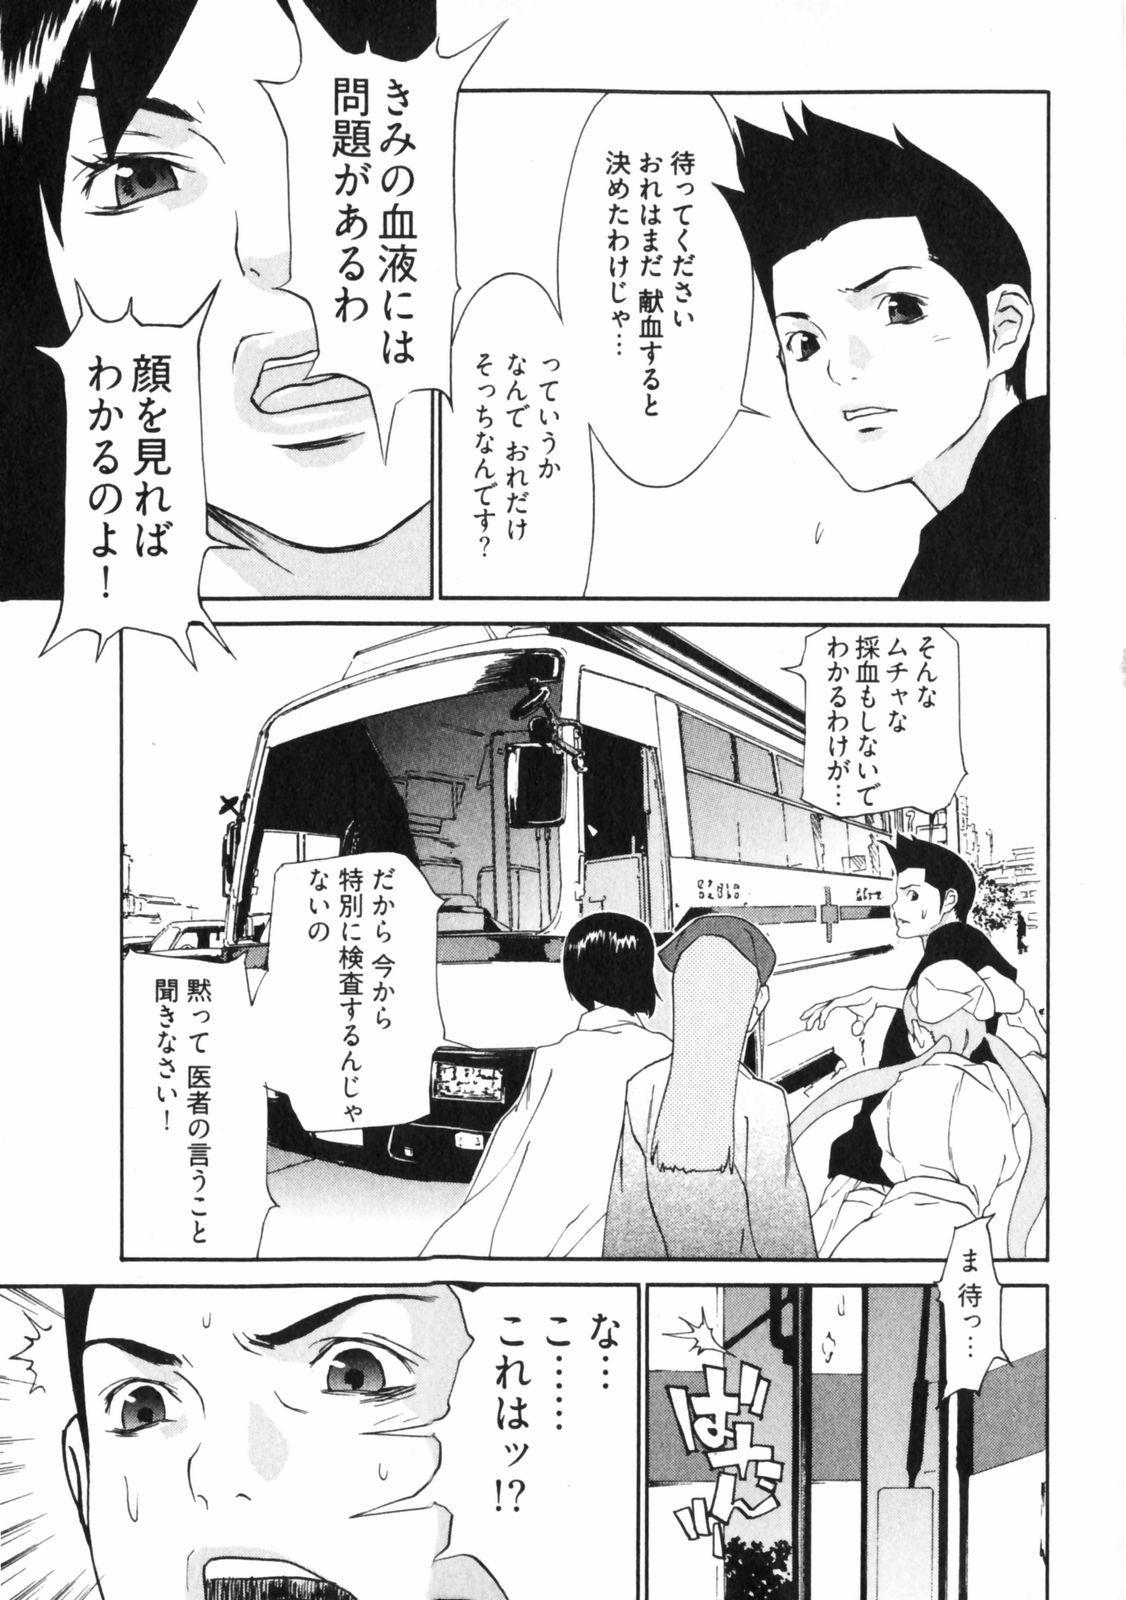 Doutei Shigan 68